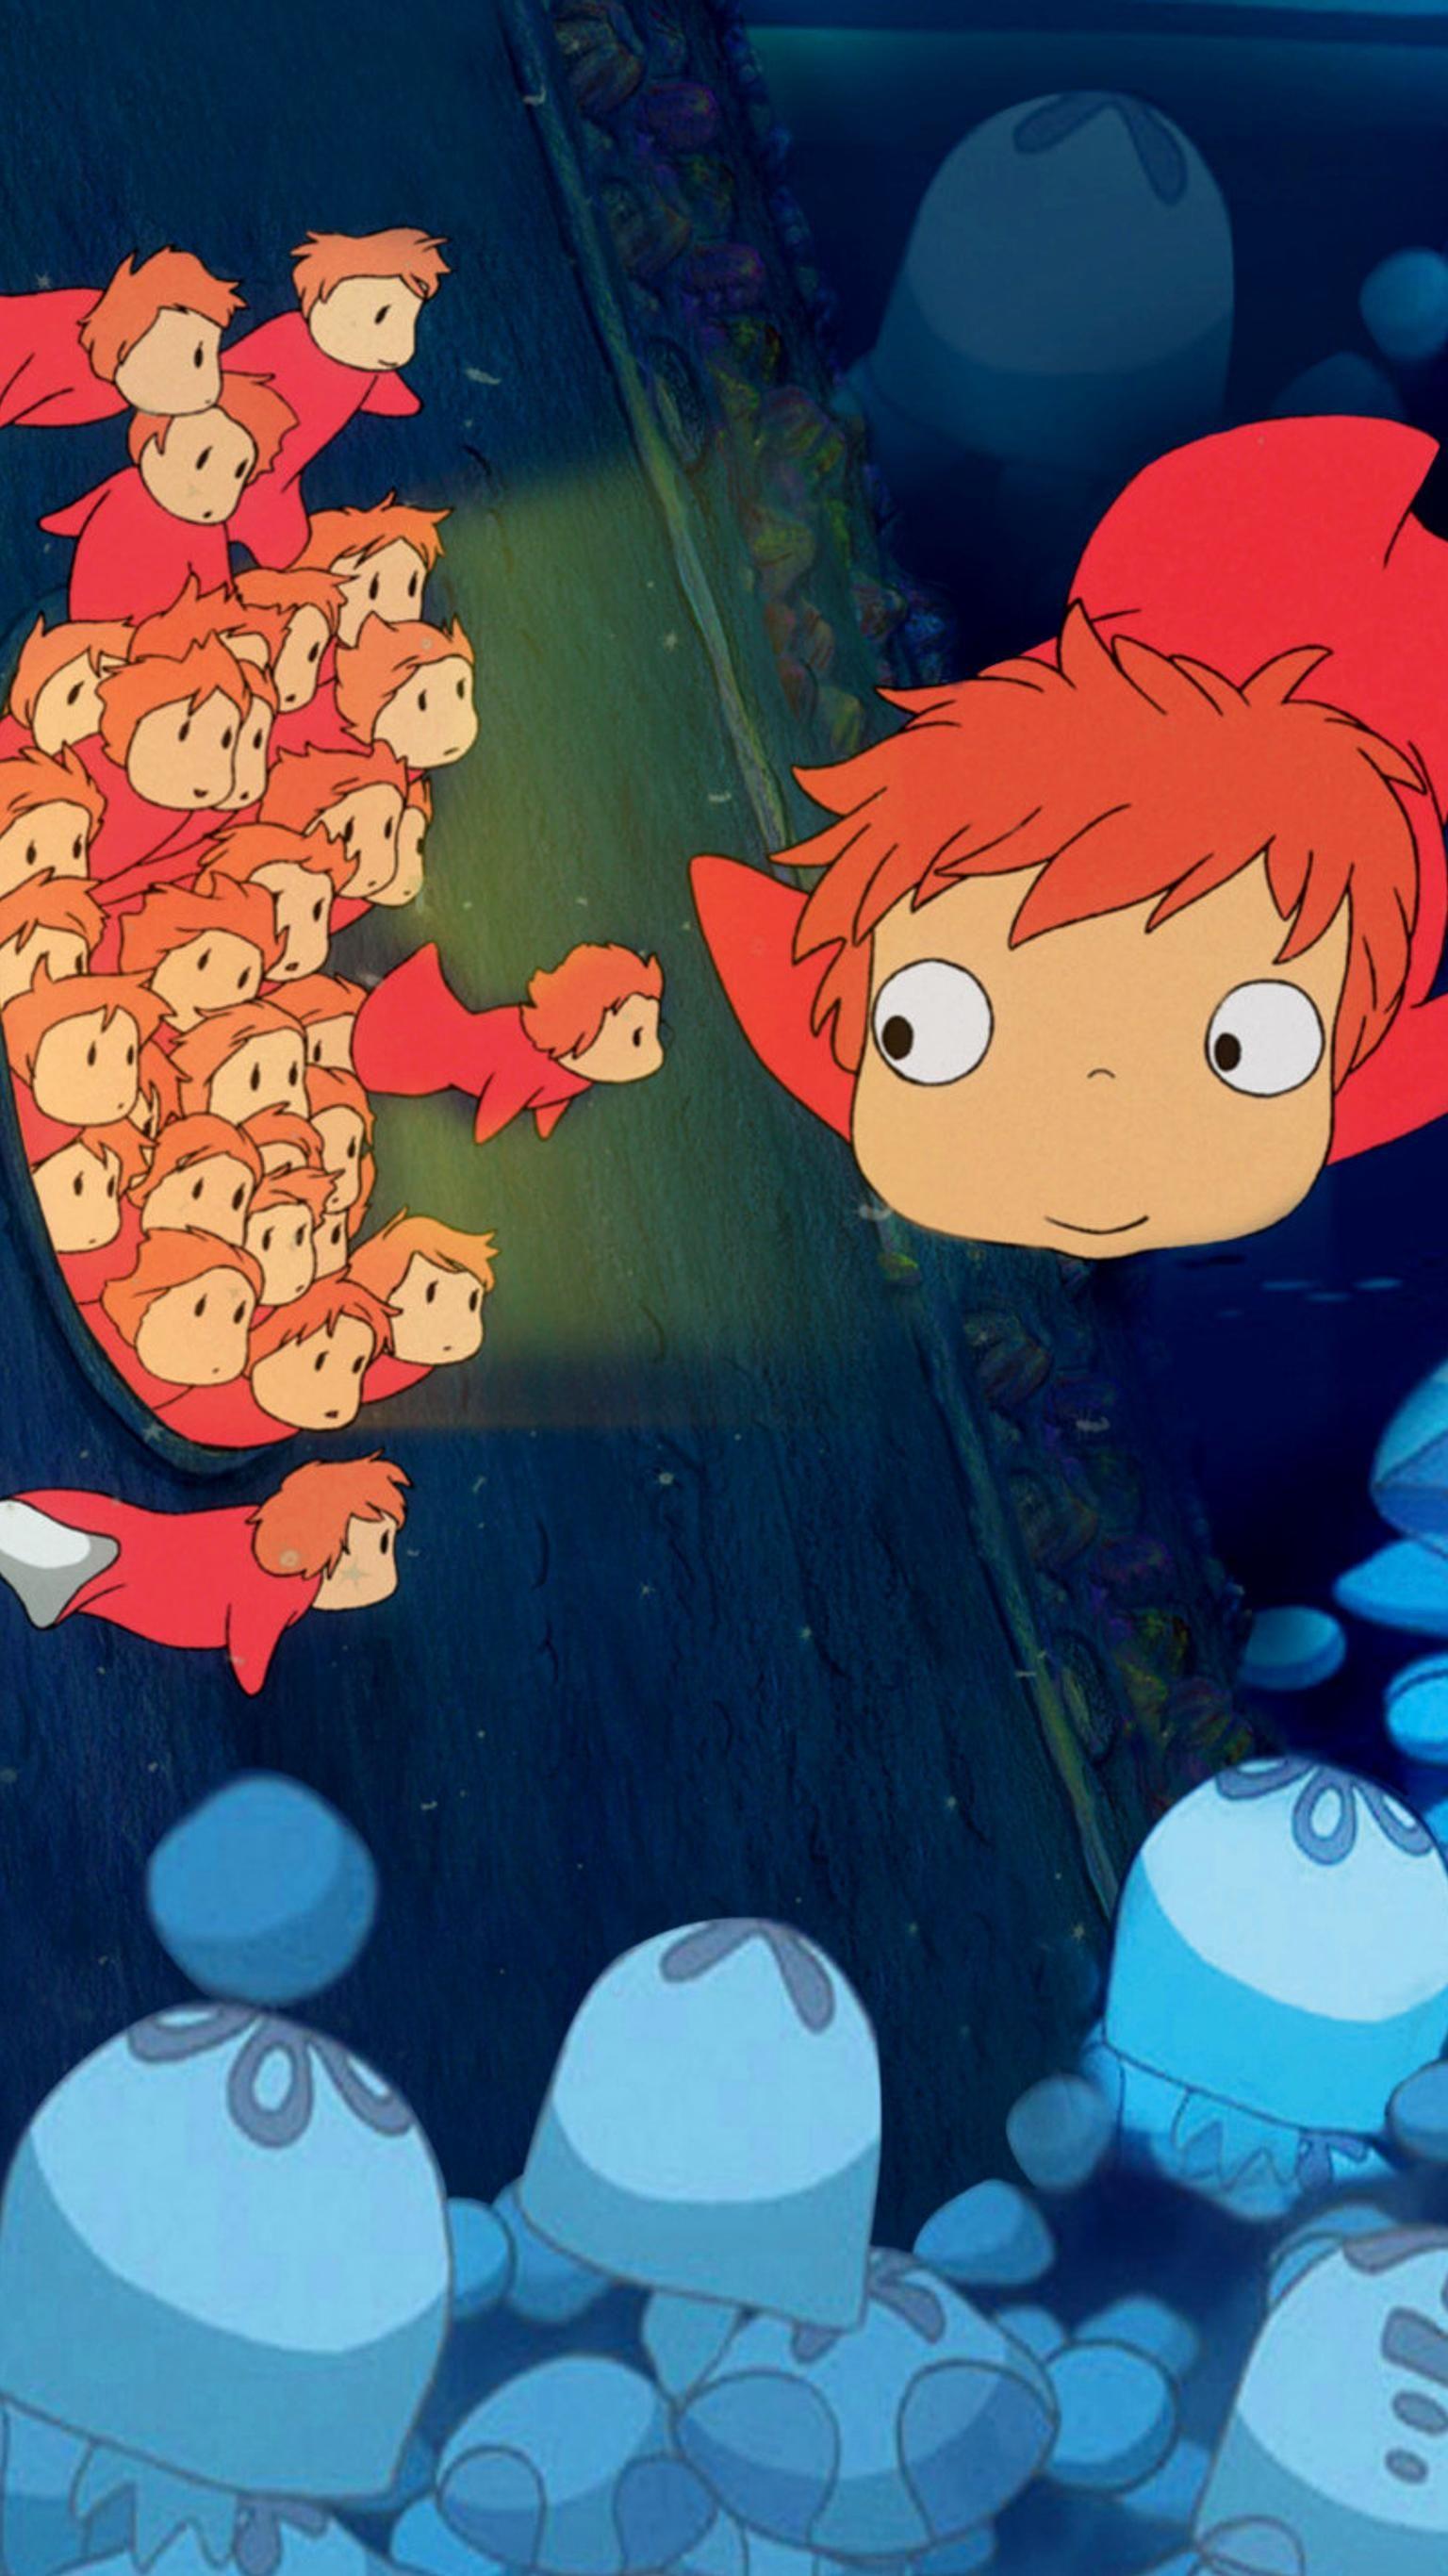 Ponyo 2008 Phone Wallpaper Moviemania Ponyo Studio Ghibli Ghibli Artwork